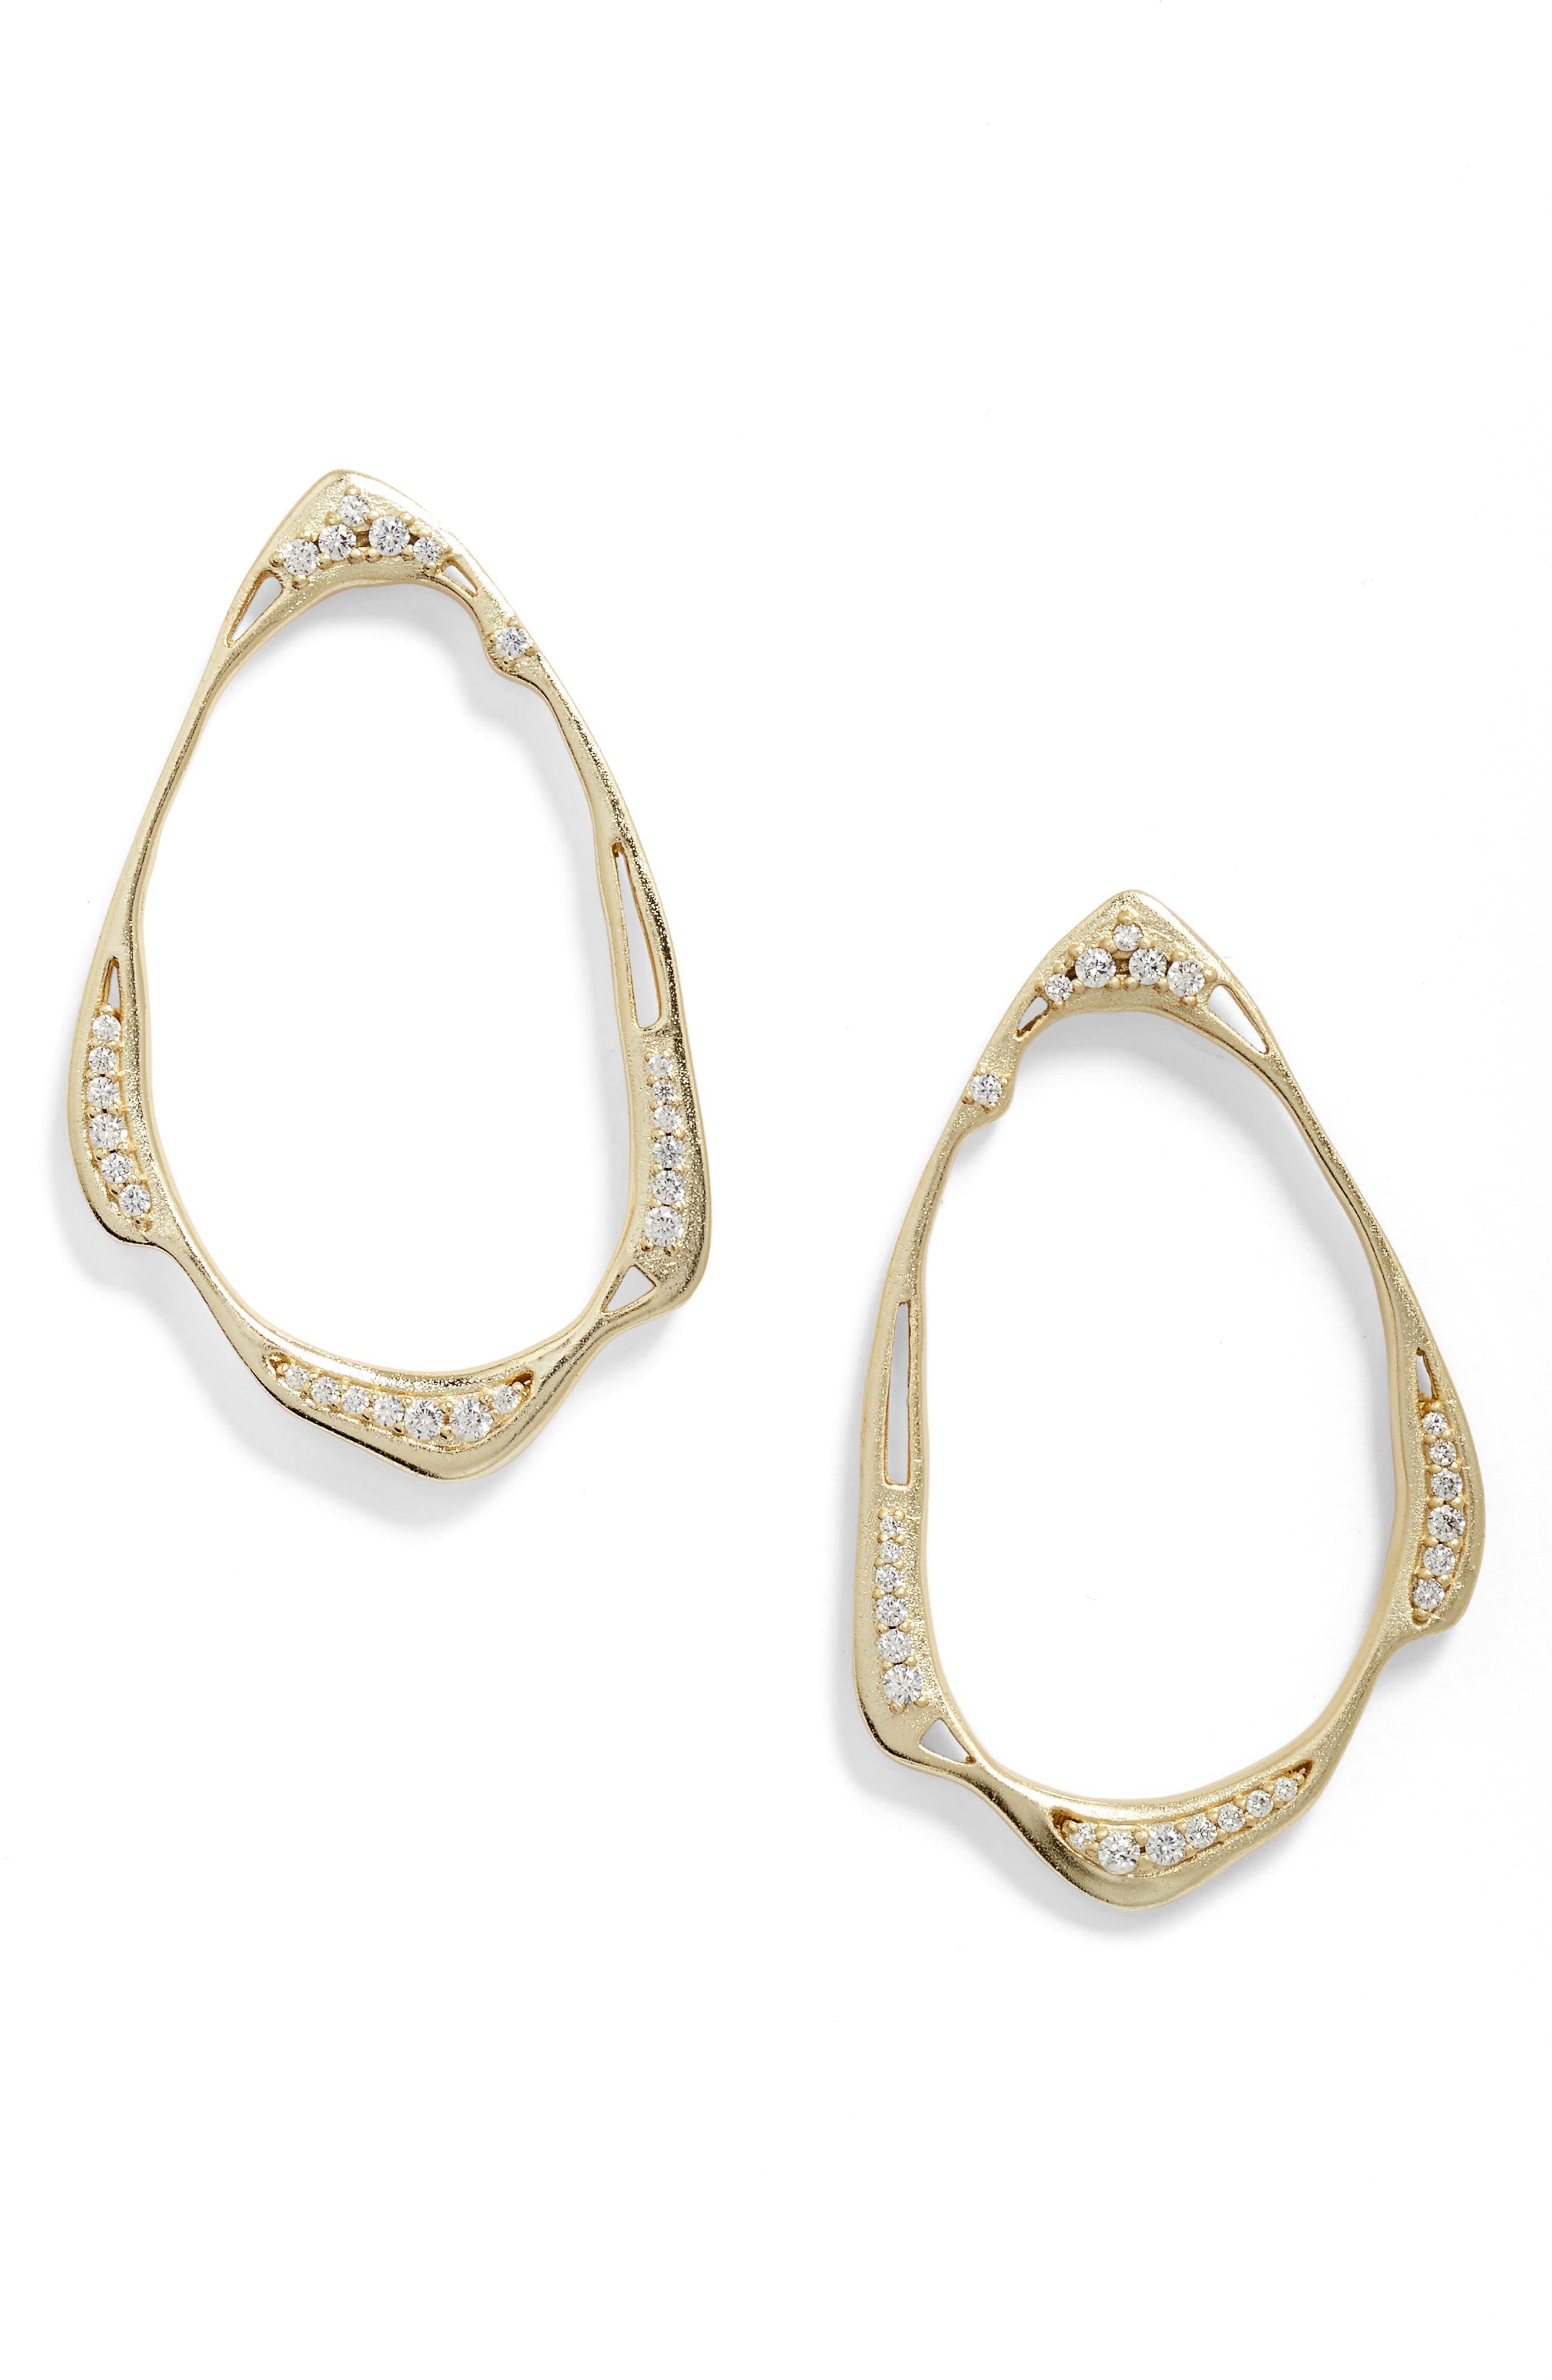 Kendra Scott Livi Frontal Hoop Earrings